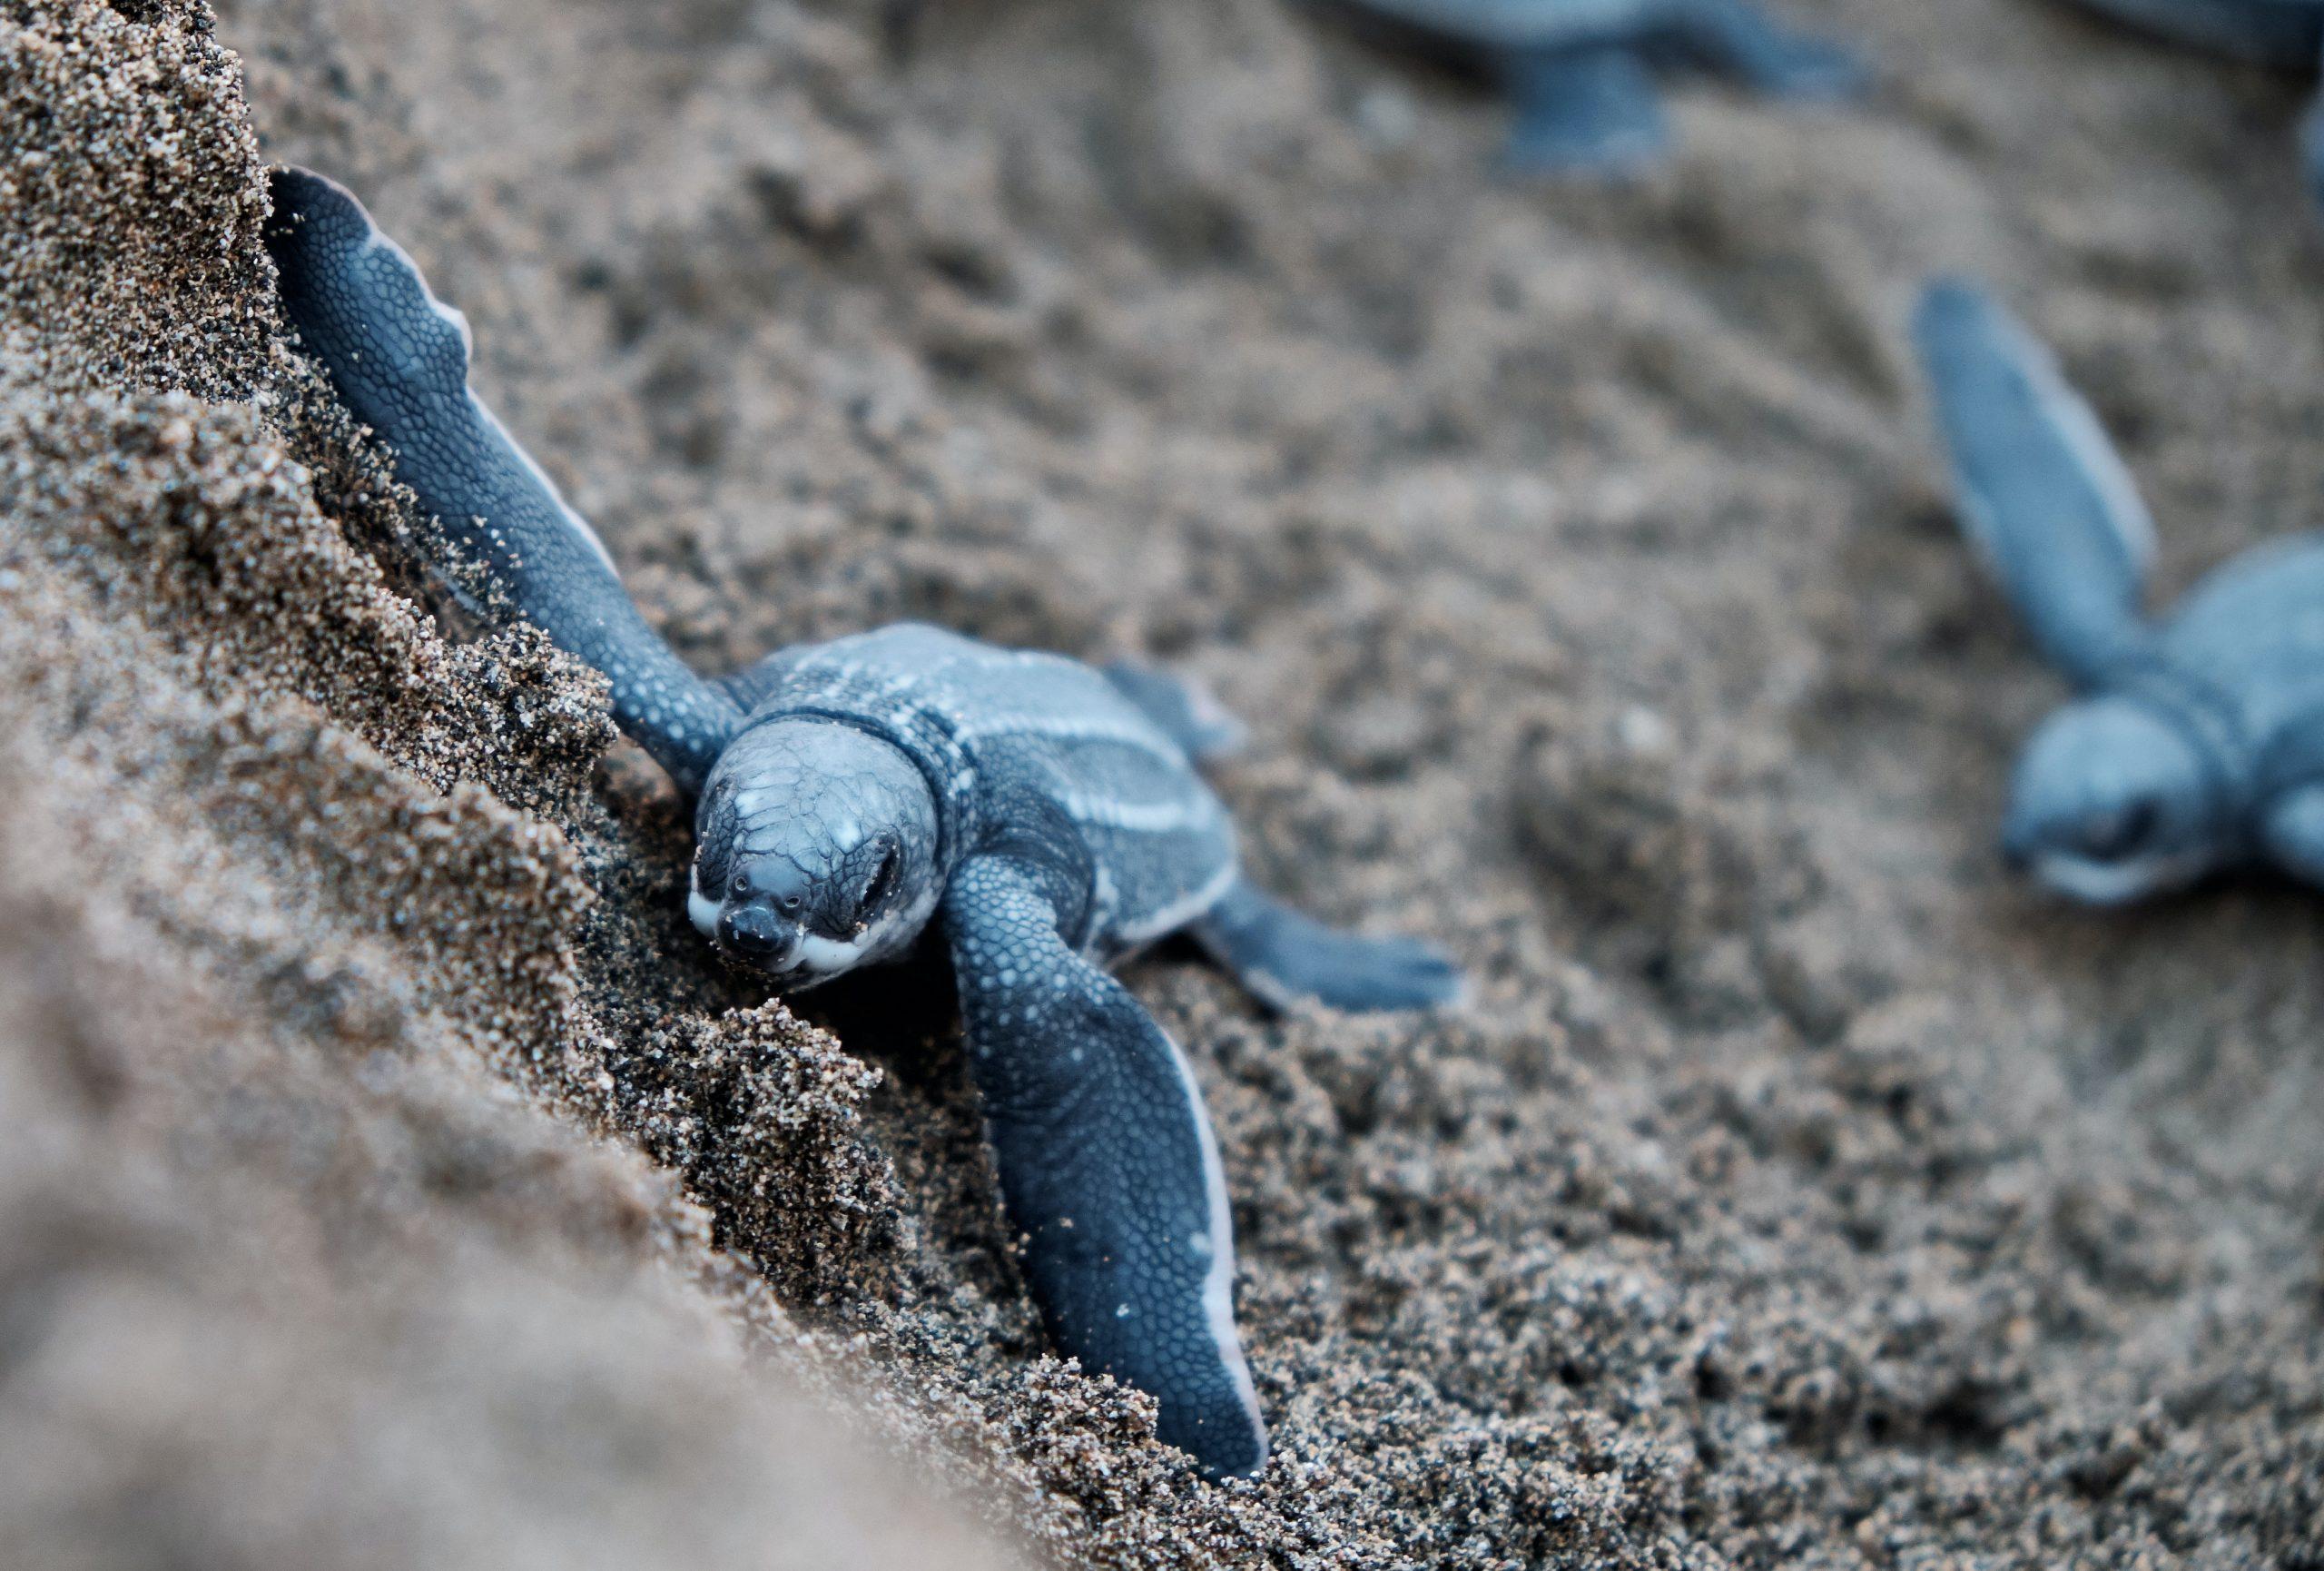 Petite tortue en route pour l'océan